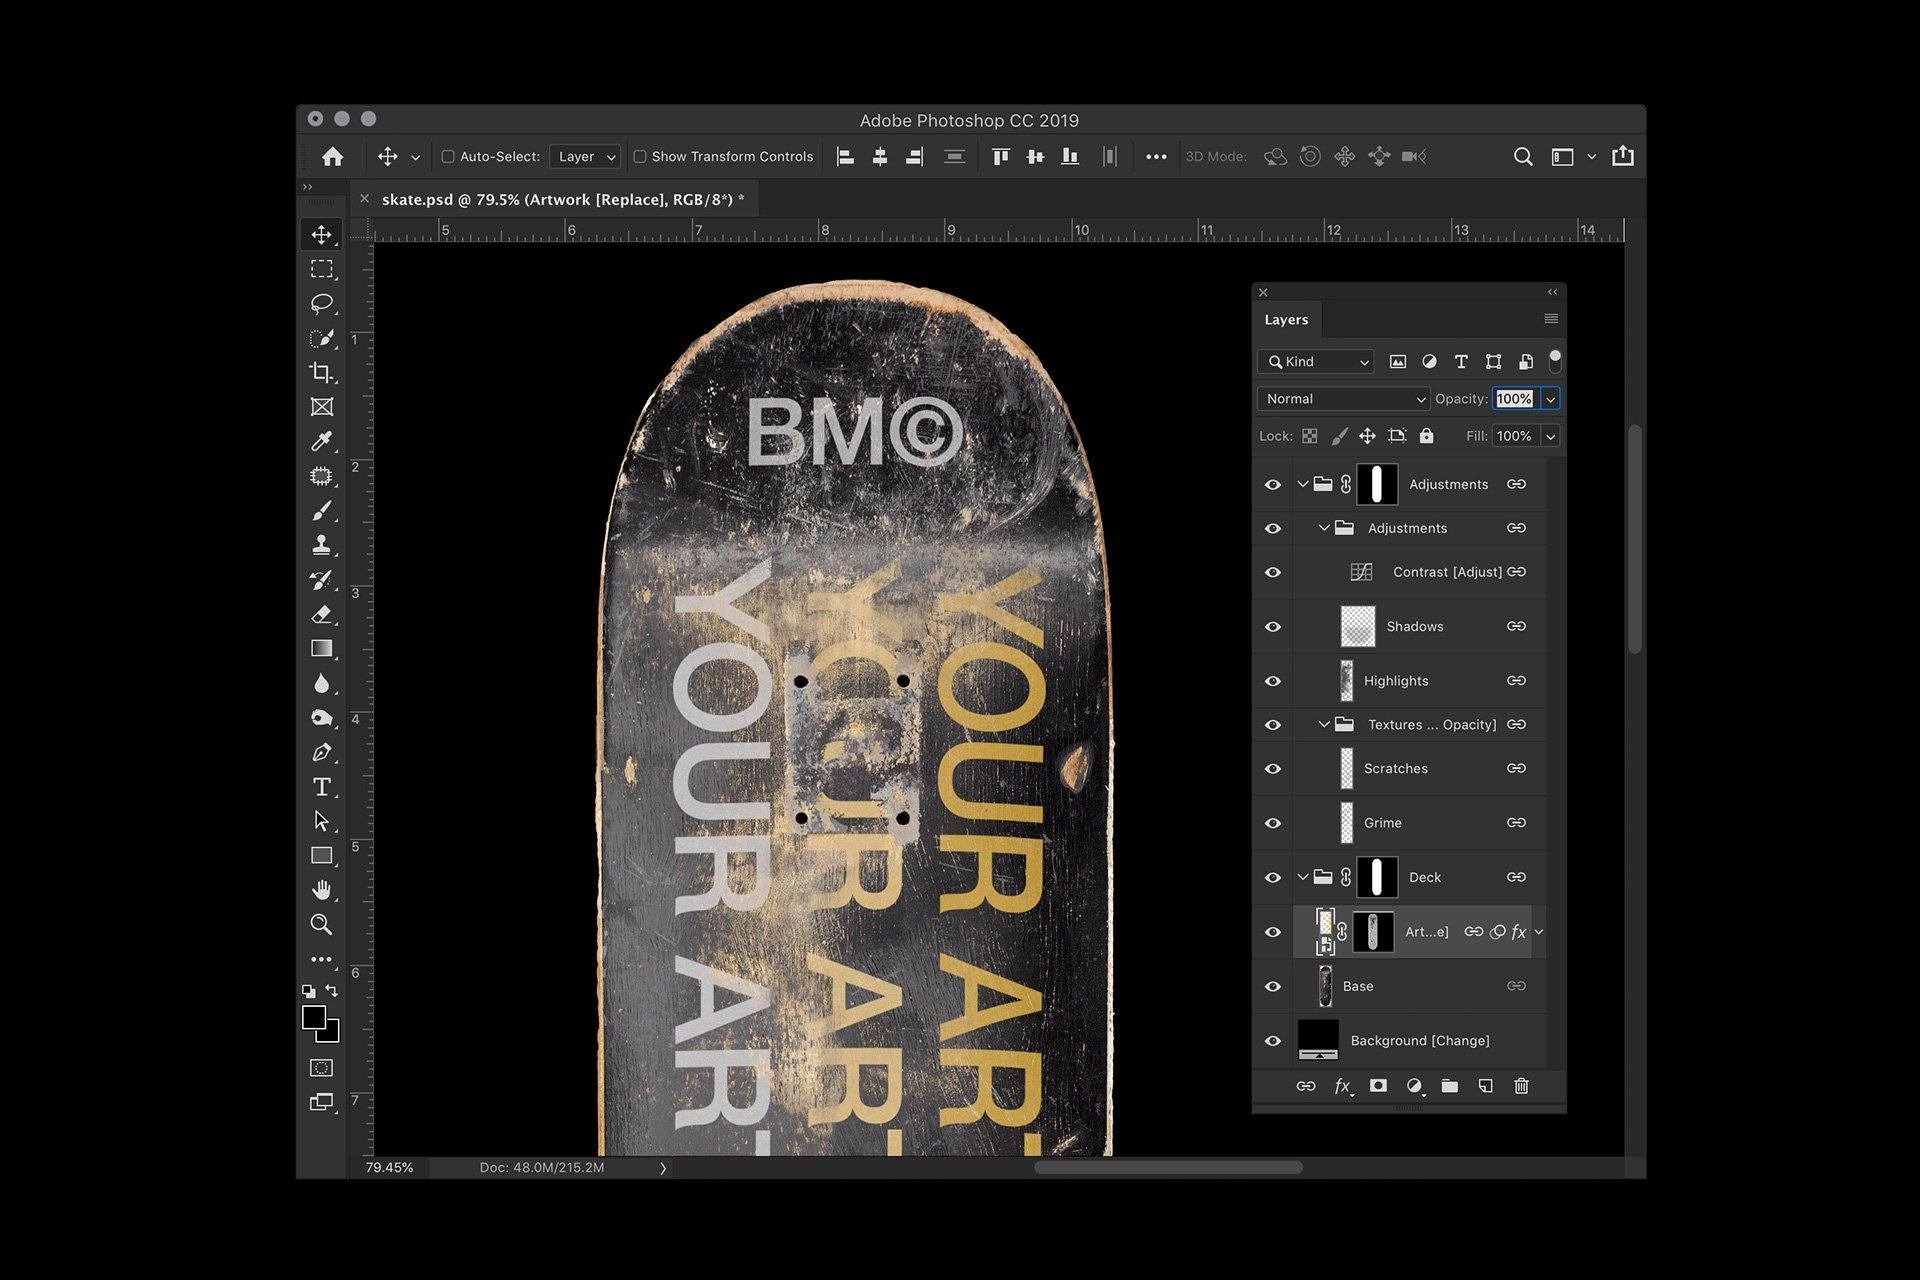 滑板产品外观设计展示样机PSD模板素材 4K Skateboard Mockup插图(4)